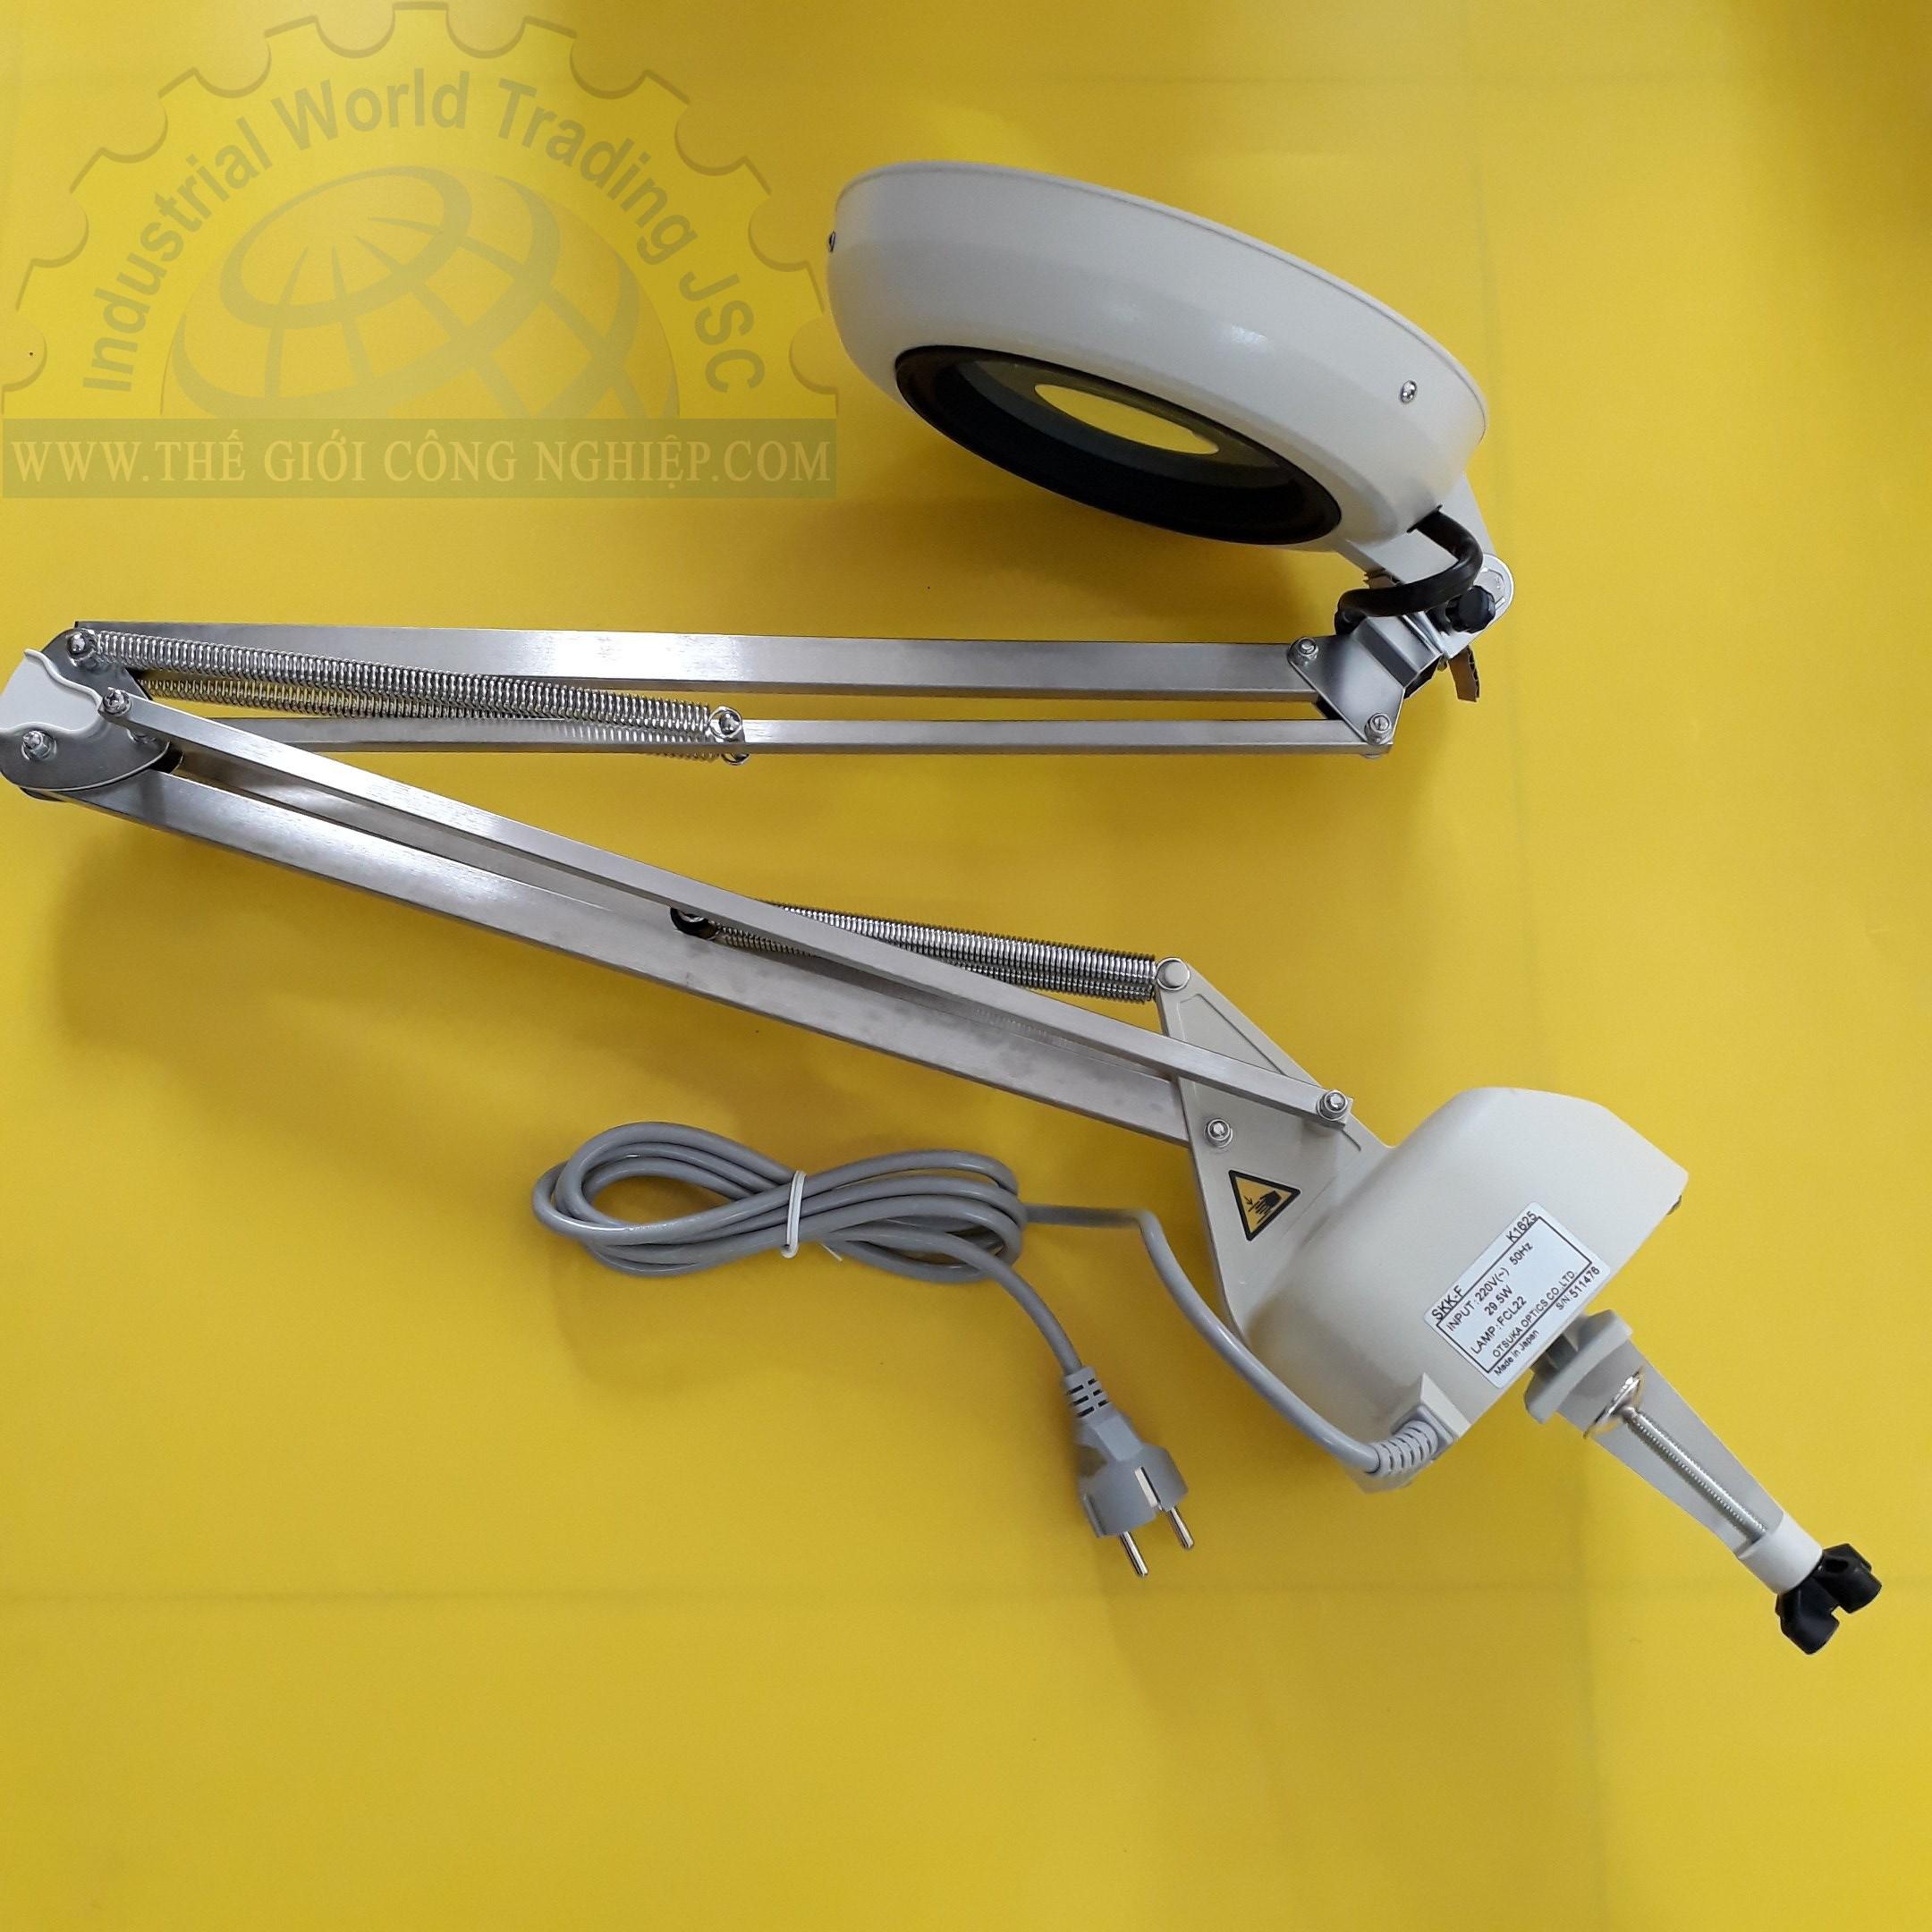 Kính lúp kẹp bàn dùng đèn huỳnh quang,có độ phóng đại 2 lần illuminated Light Scope SKK-F 2X OTSUKA